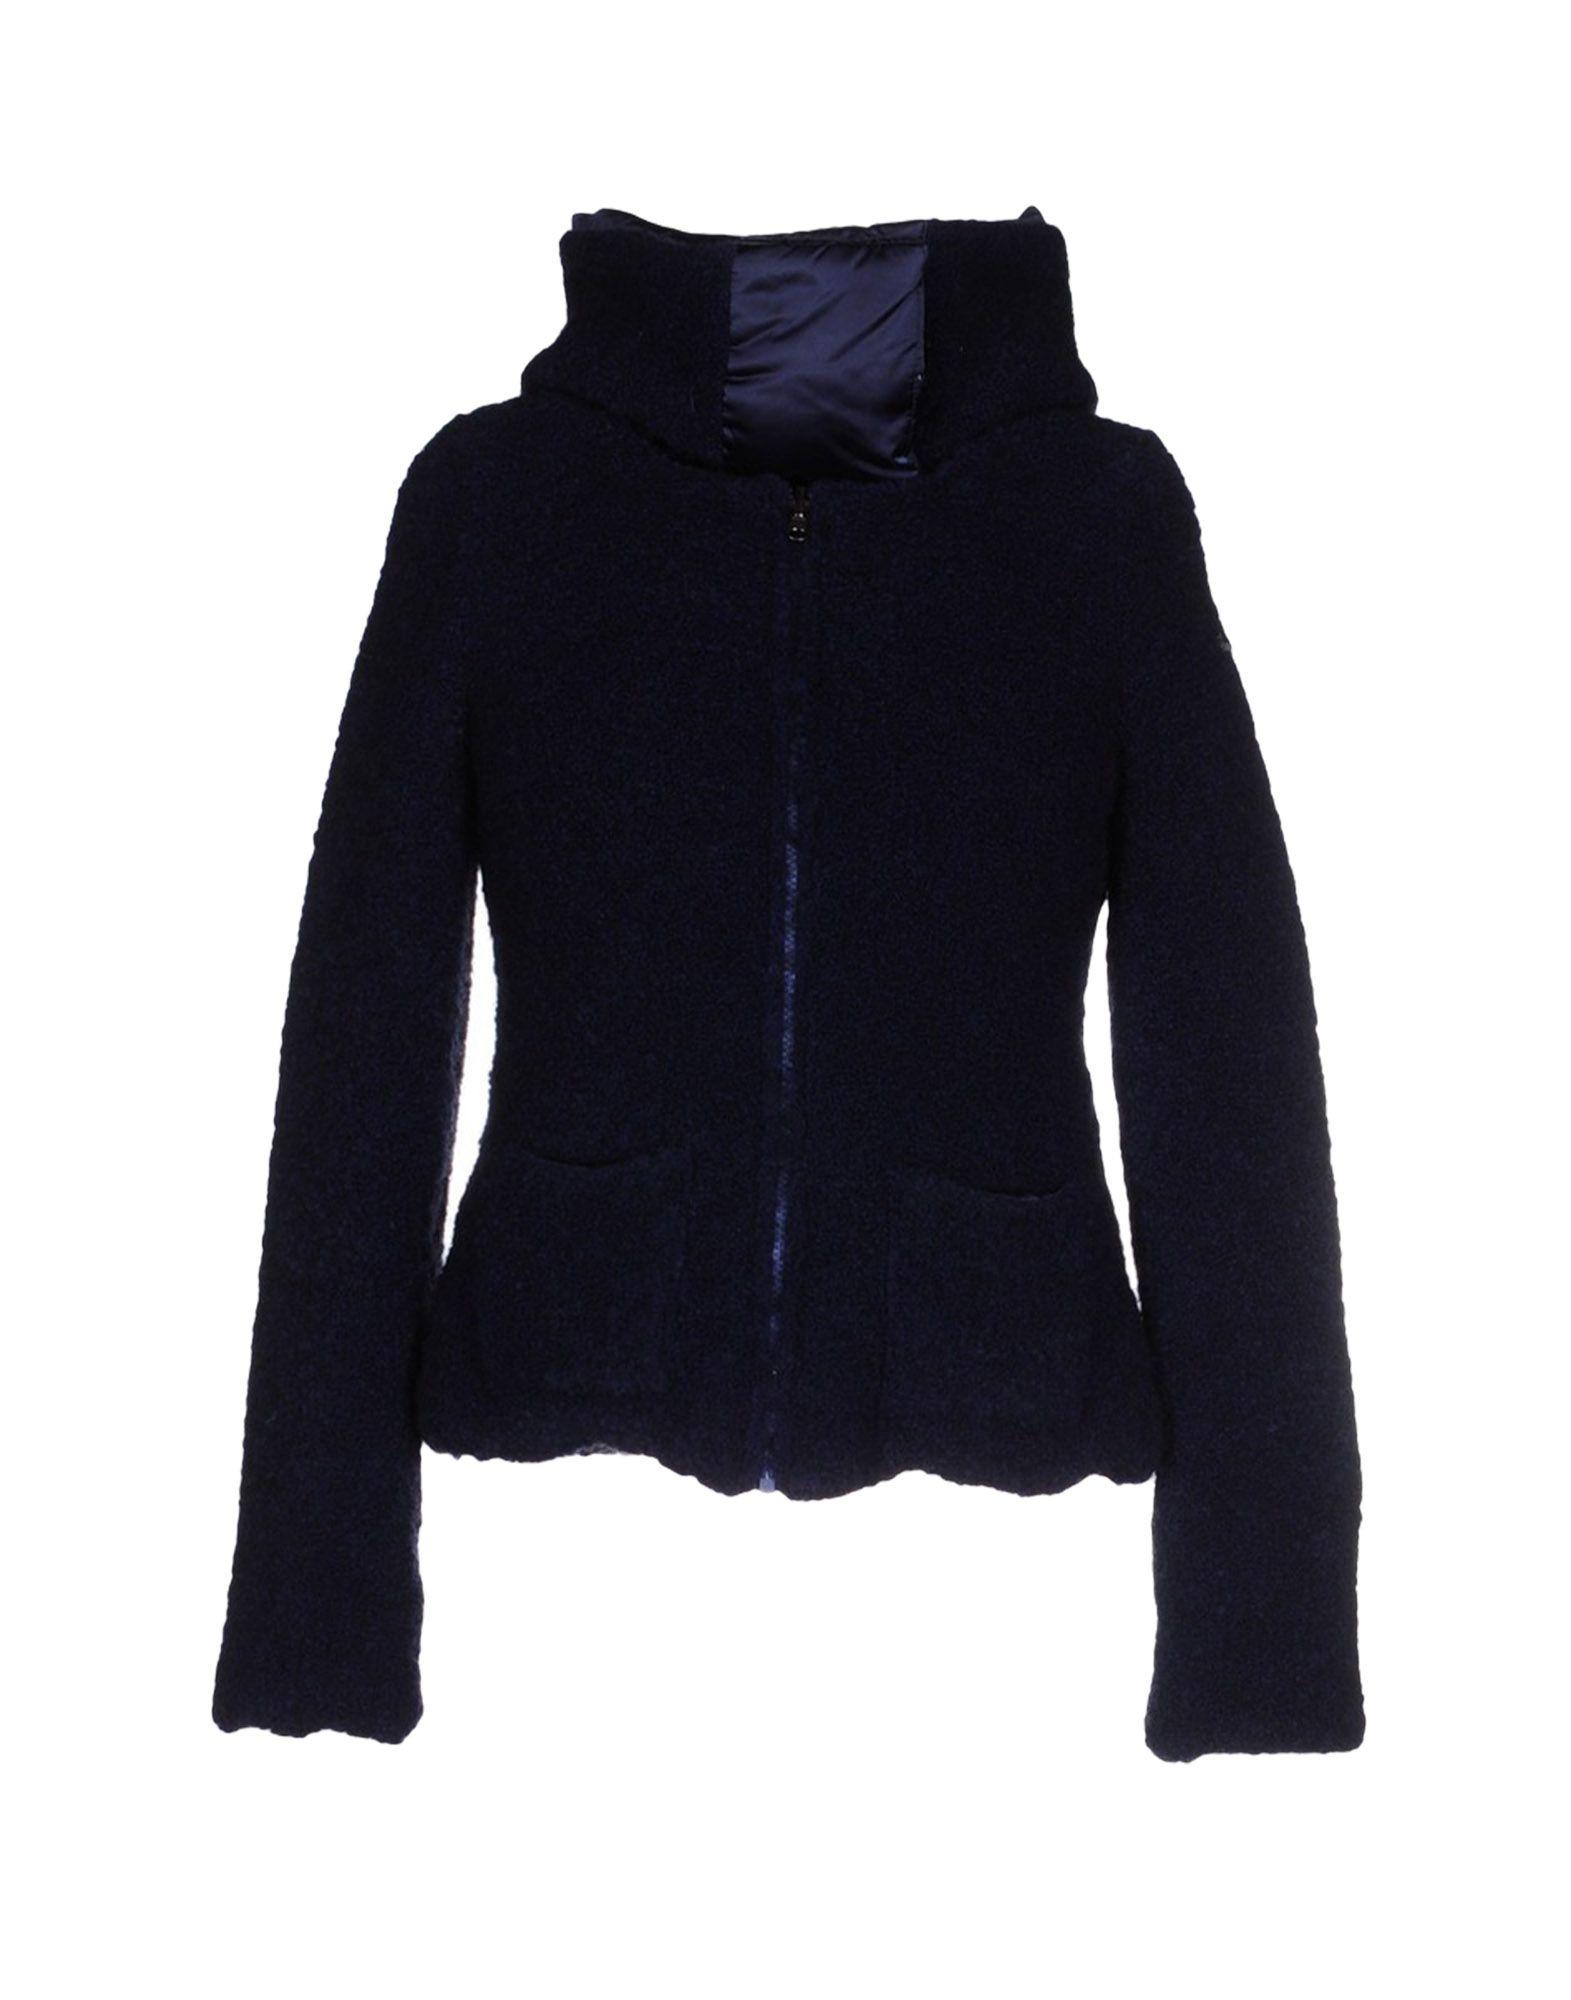 harmont and blaine jacket - photo #23